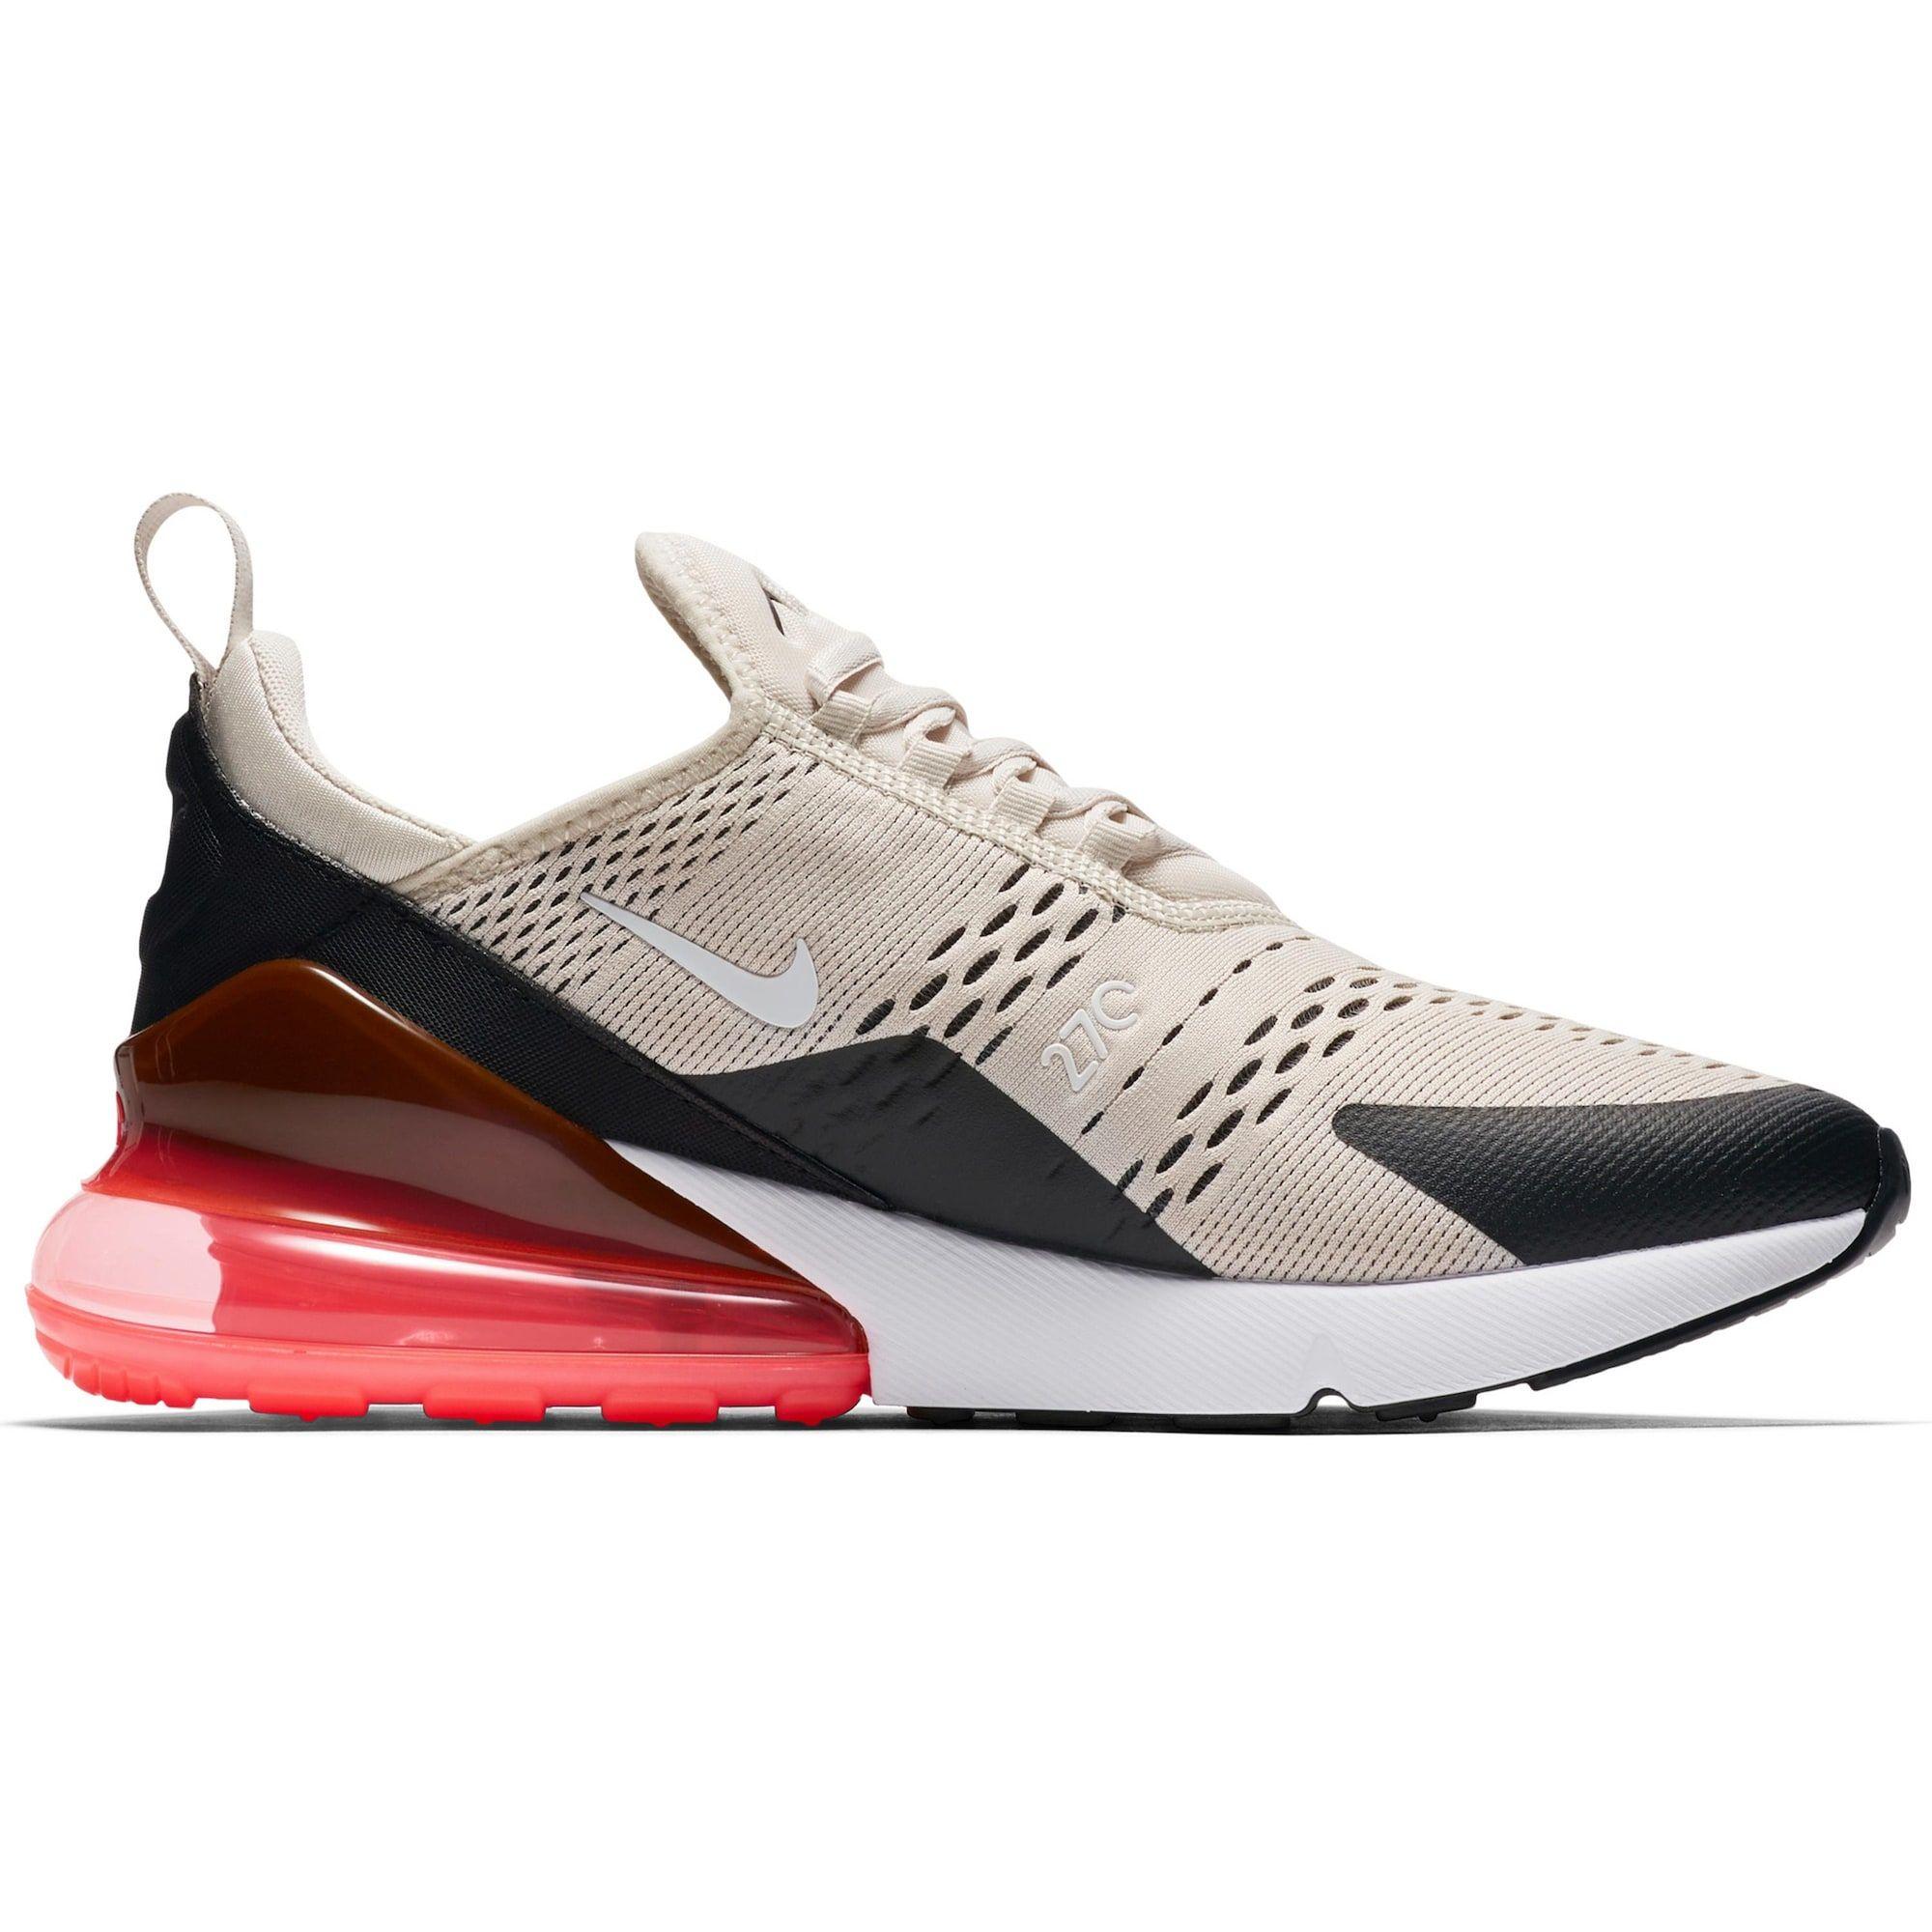 Nike Sportswear Sneaker 'Air Max 270' Herren, Beige ...